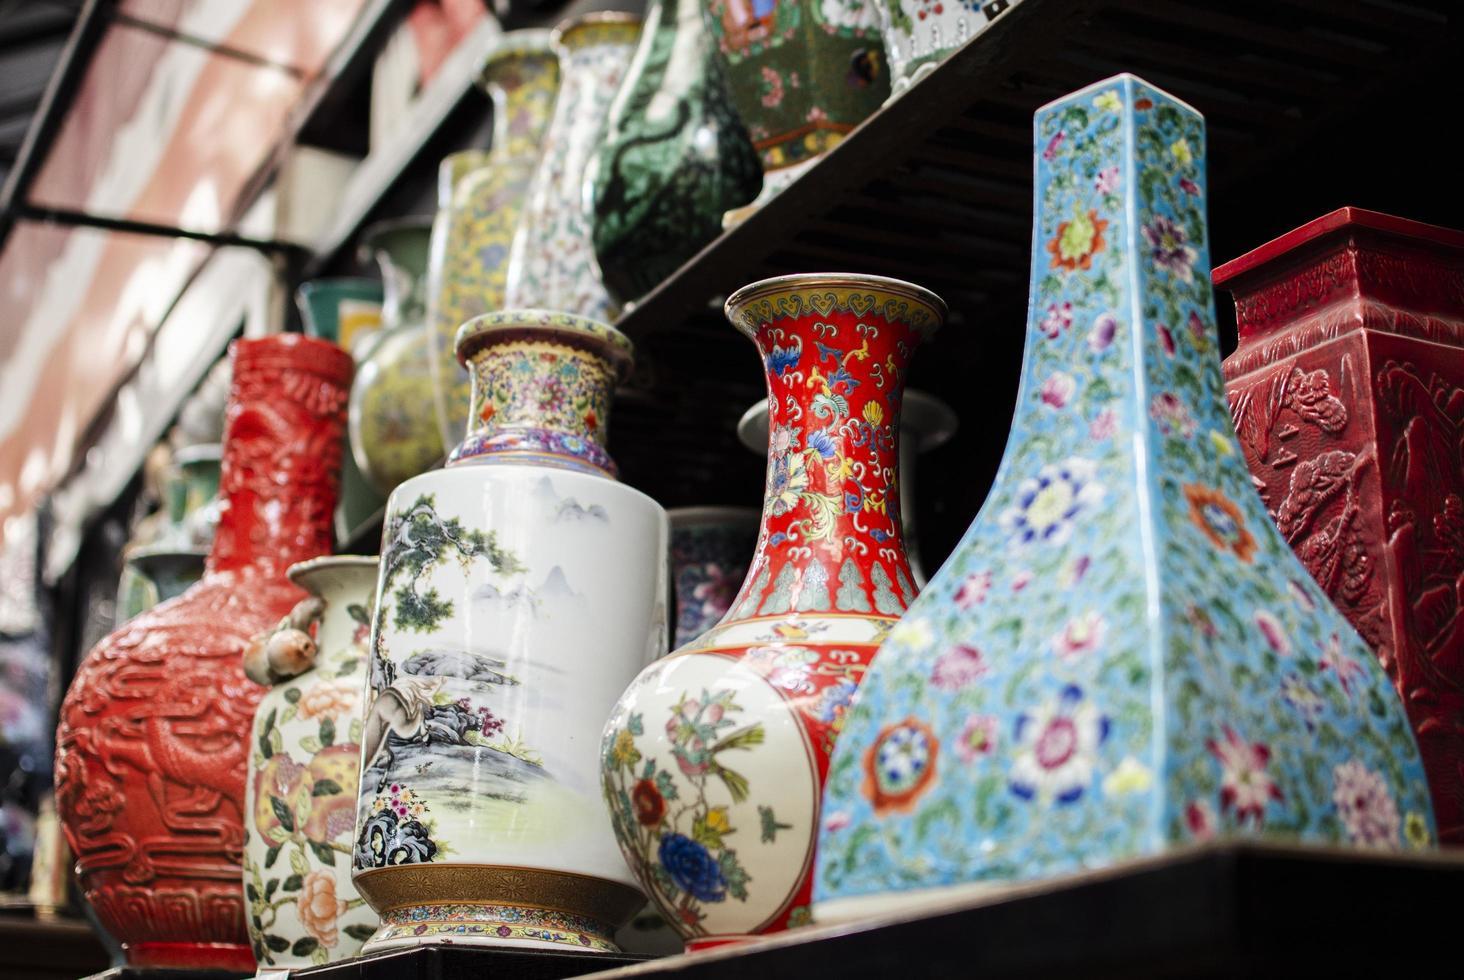 Arrangement of antiques market objects photo